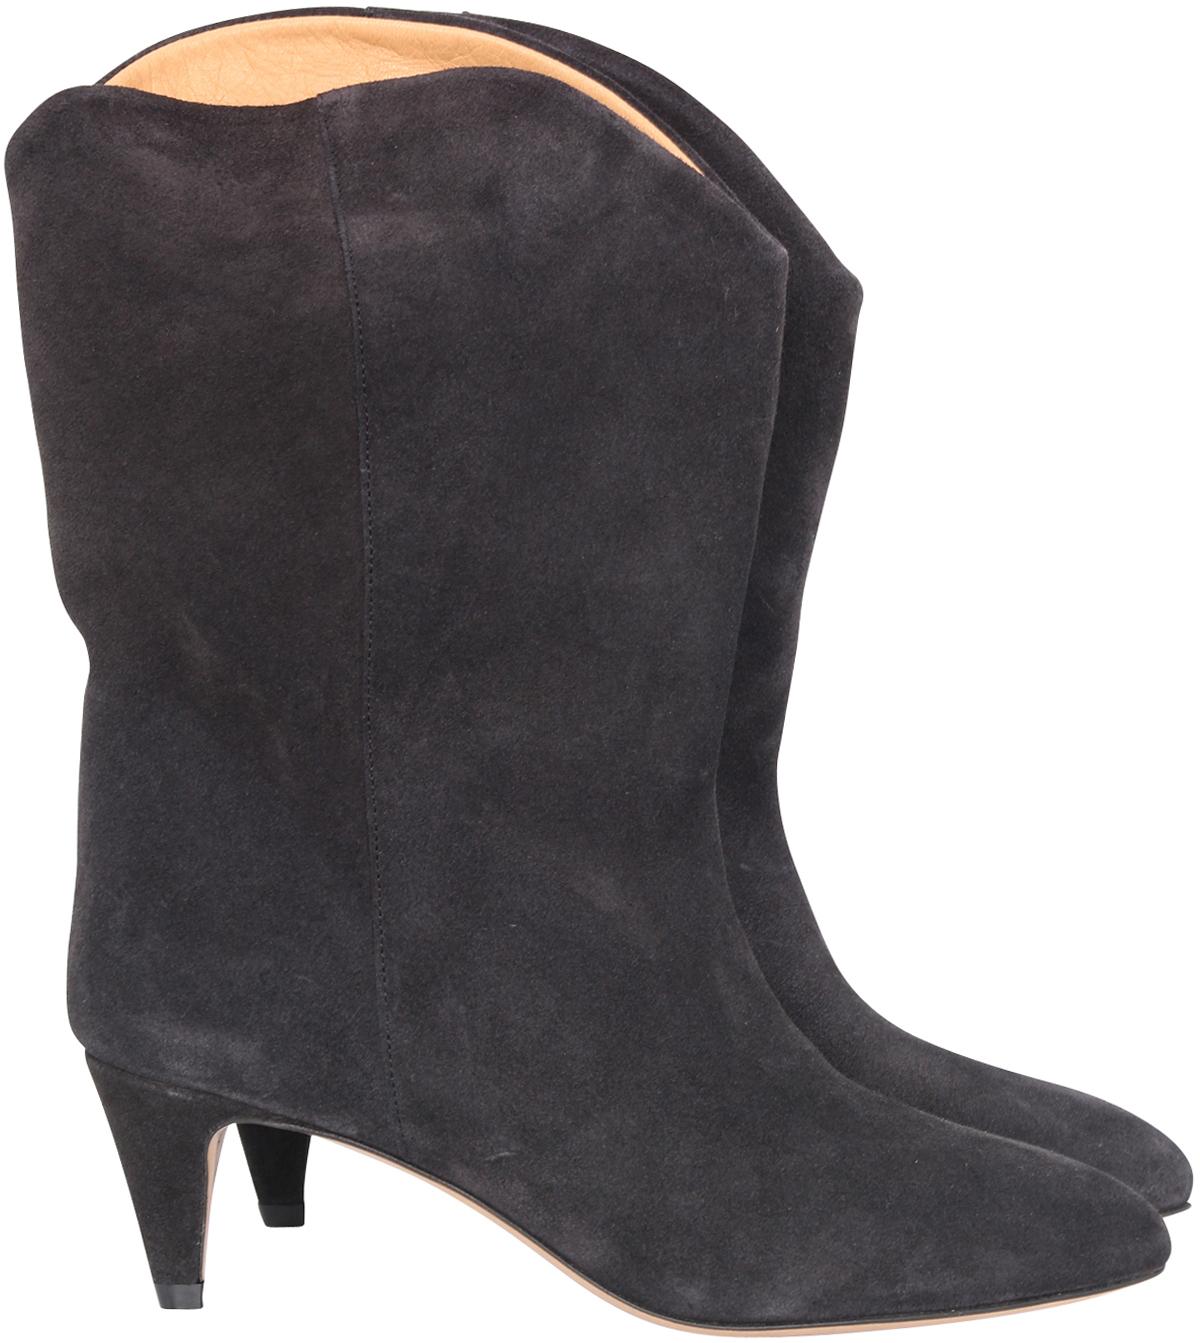 Women's Isabel Marant High Boots Dernee